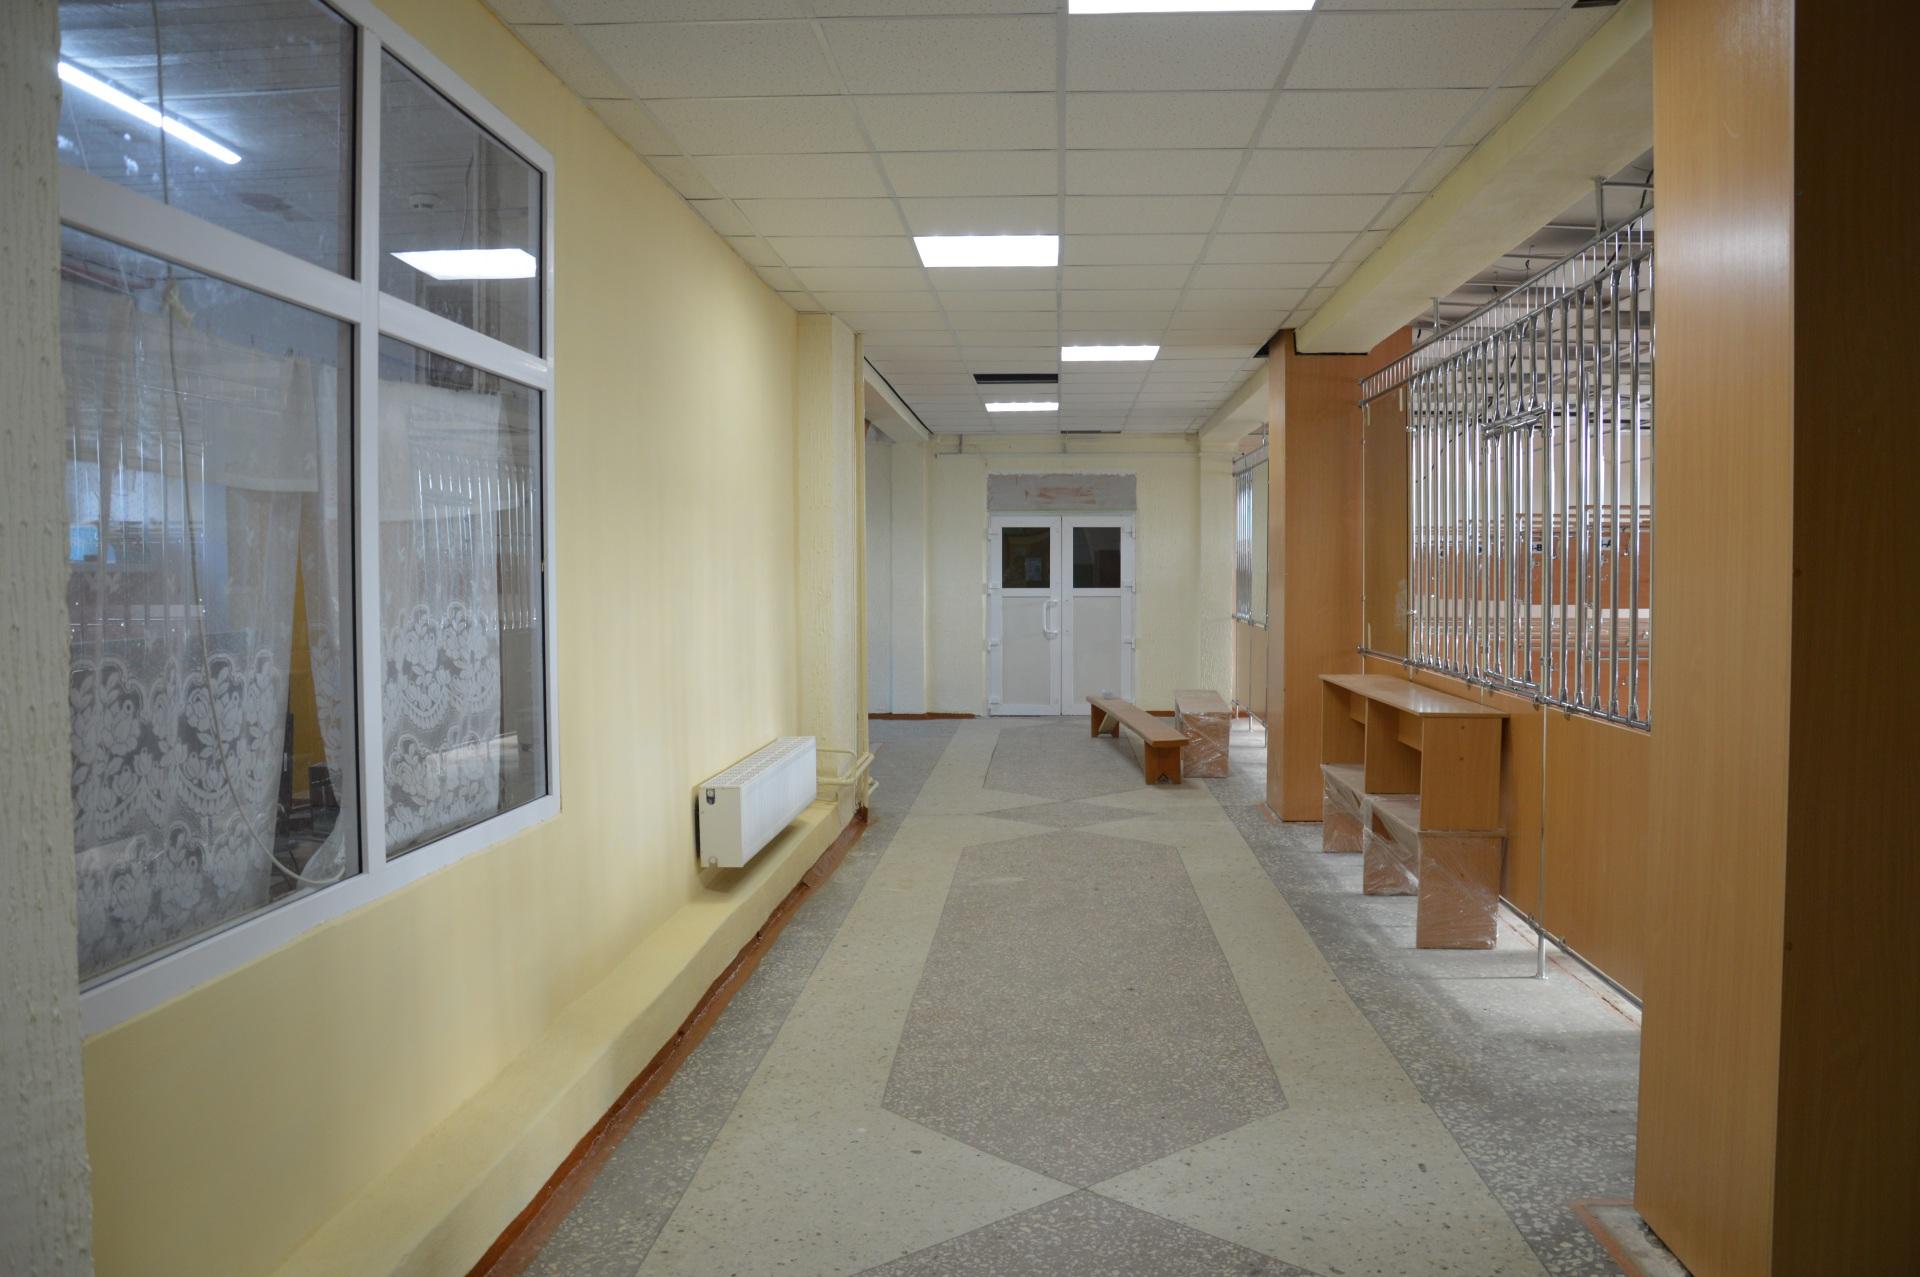 Учебный год школьники Усть-Цильмы встретили в обновленном здании